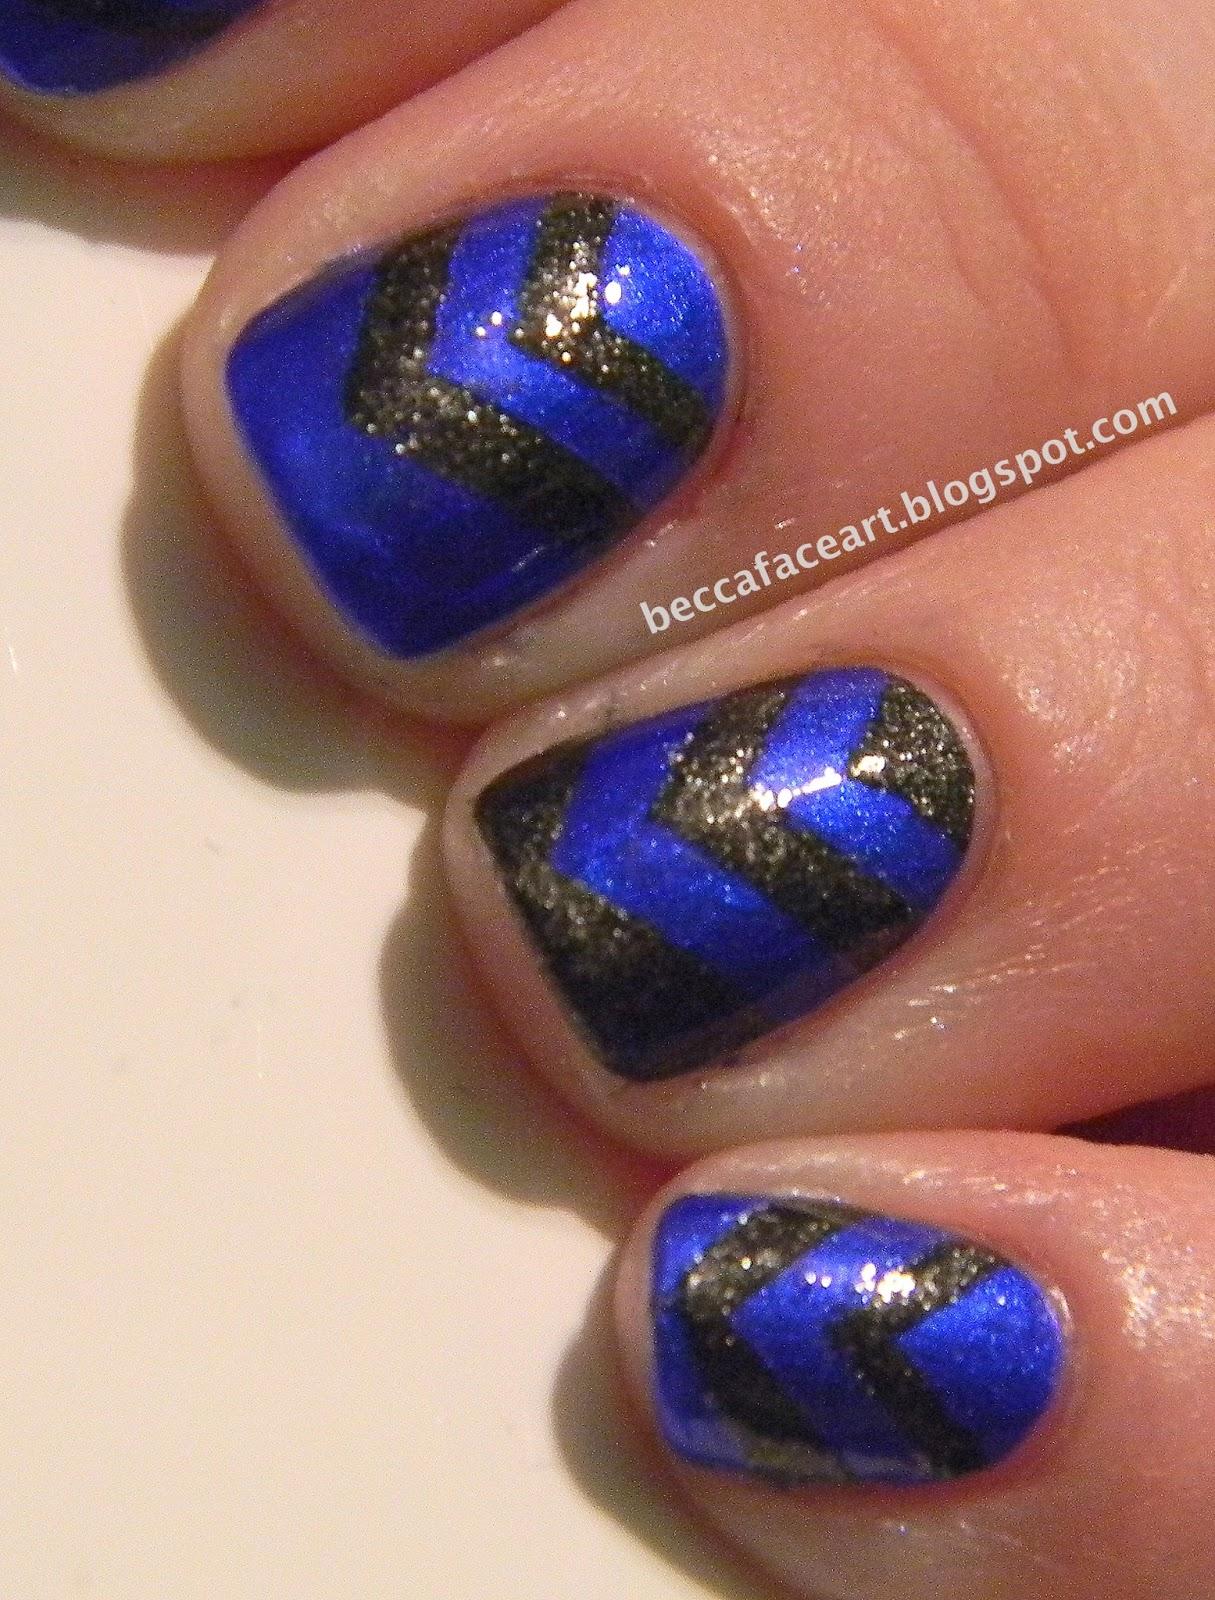 Nail art blue grey : Becca face nail art blue and grey chevron nails